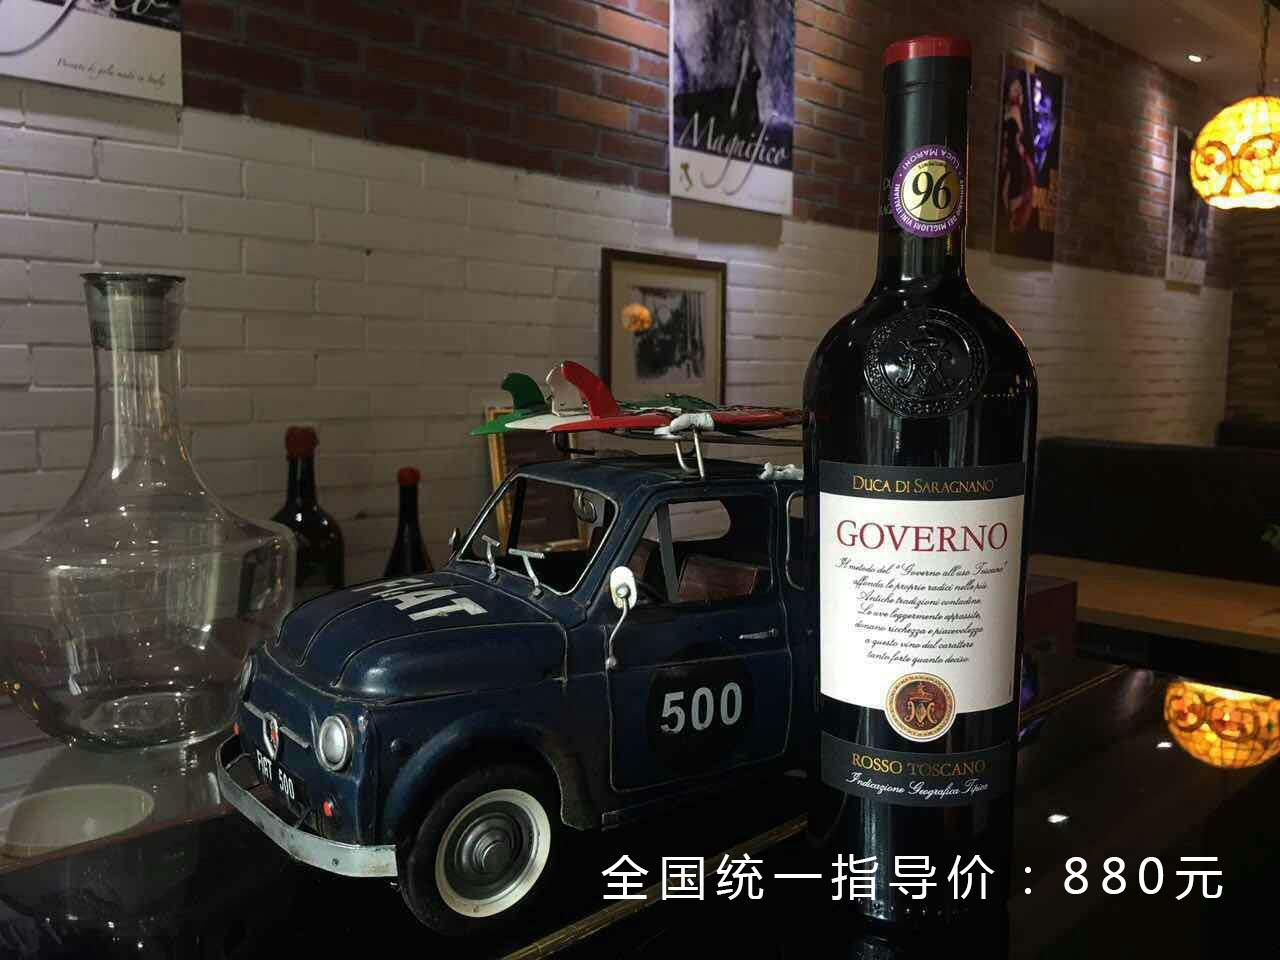 托斯卡纳高维诺干红葡萄酒880元一瓶